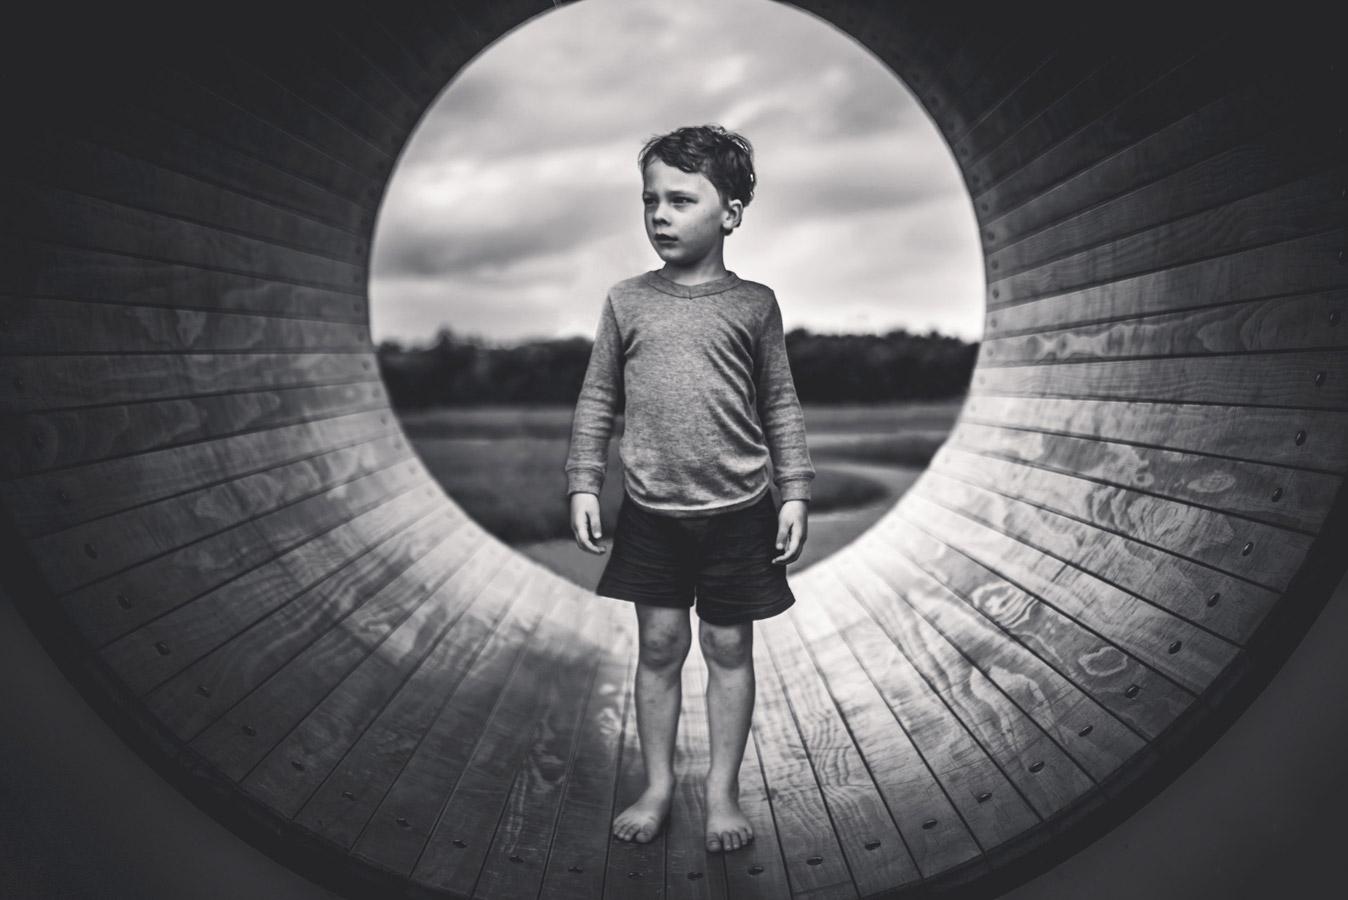 Ольга Левиен / Olga Levien, Новая Зеландия, 1-е место в категории «Дети», Фотоконкурс «Семья» — Rangefinder Family